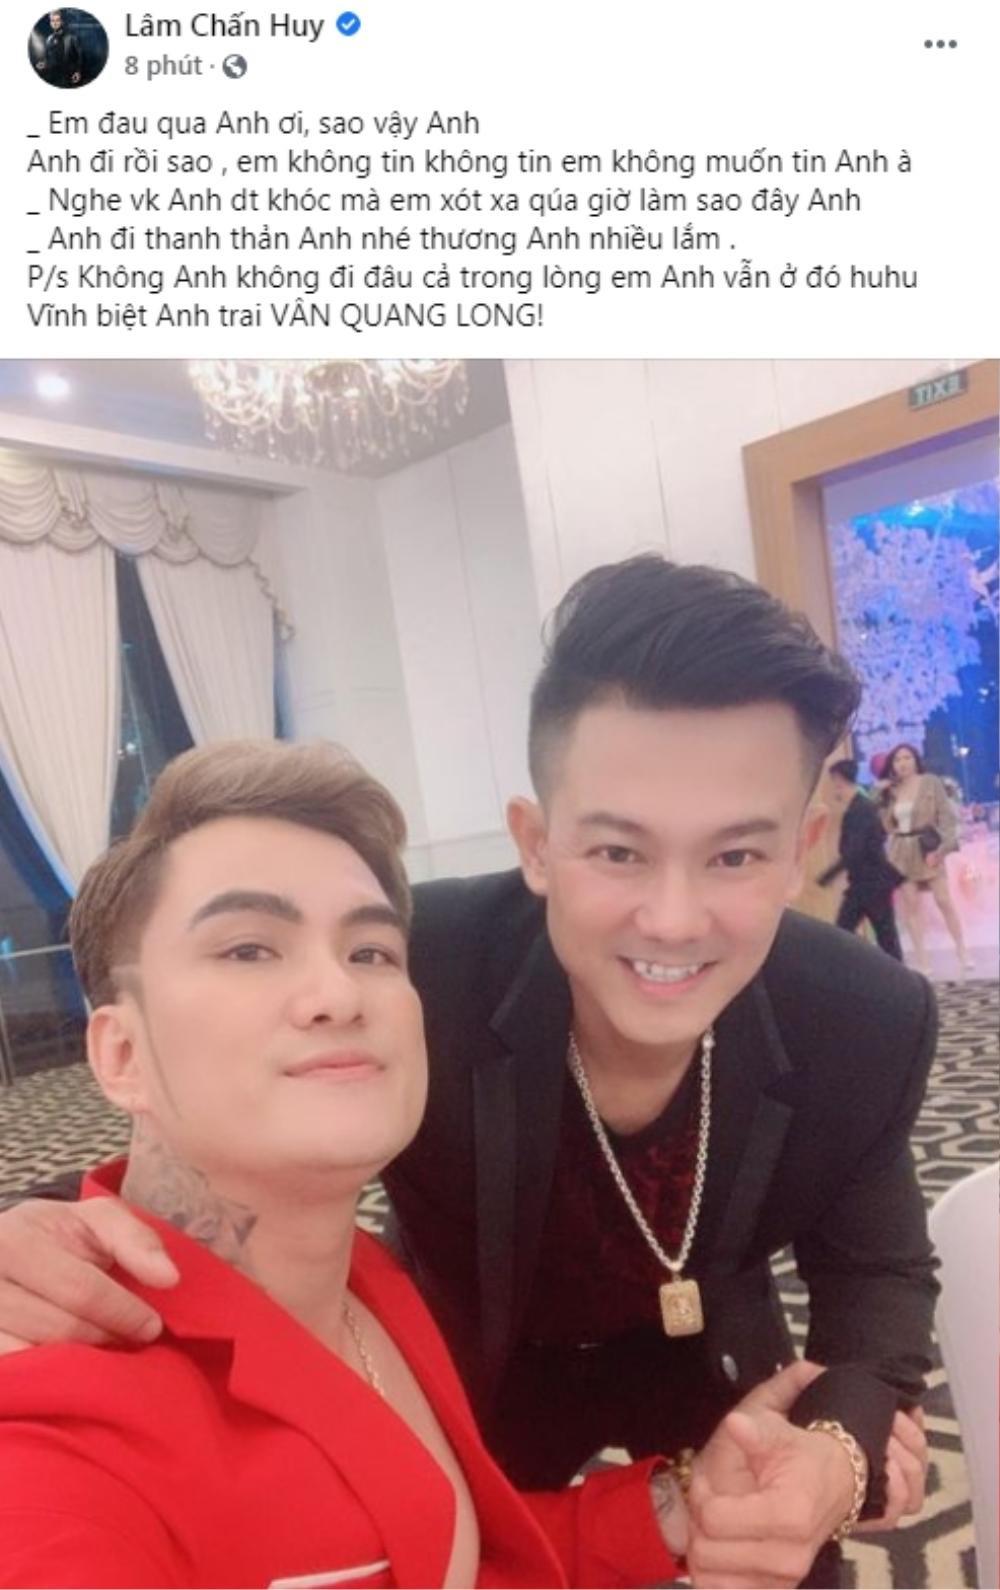 Đan Trường, Lâm Chấn Huy, Nguyên Vũ, Lâm Hùng... đau đớn khi Vân Quang Long qua đời Ảnh 4